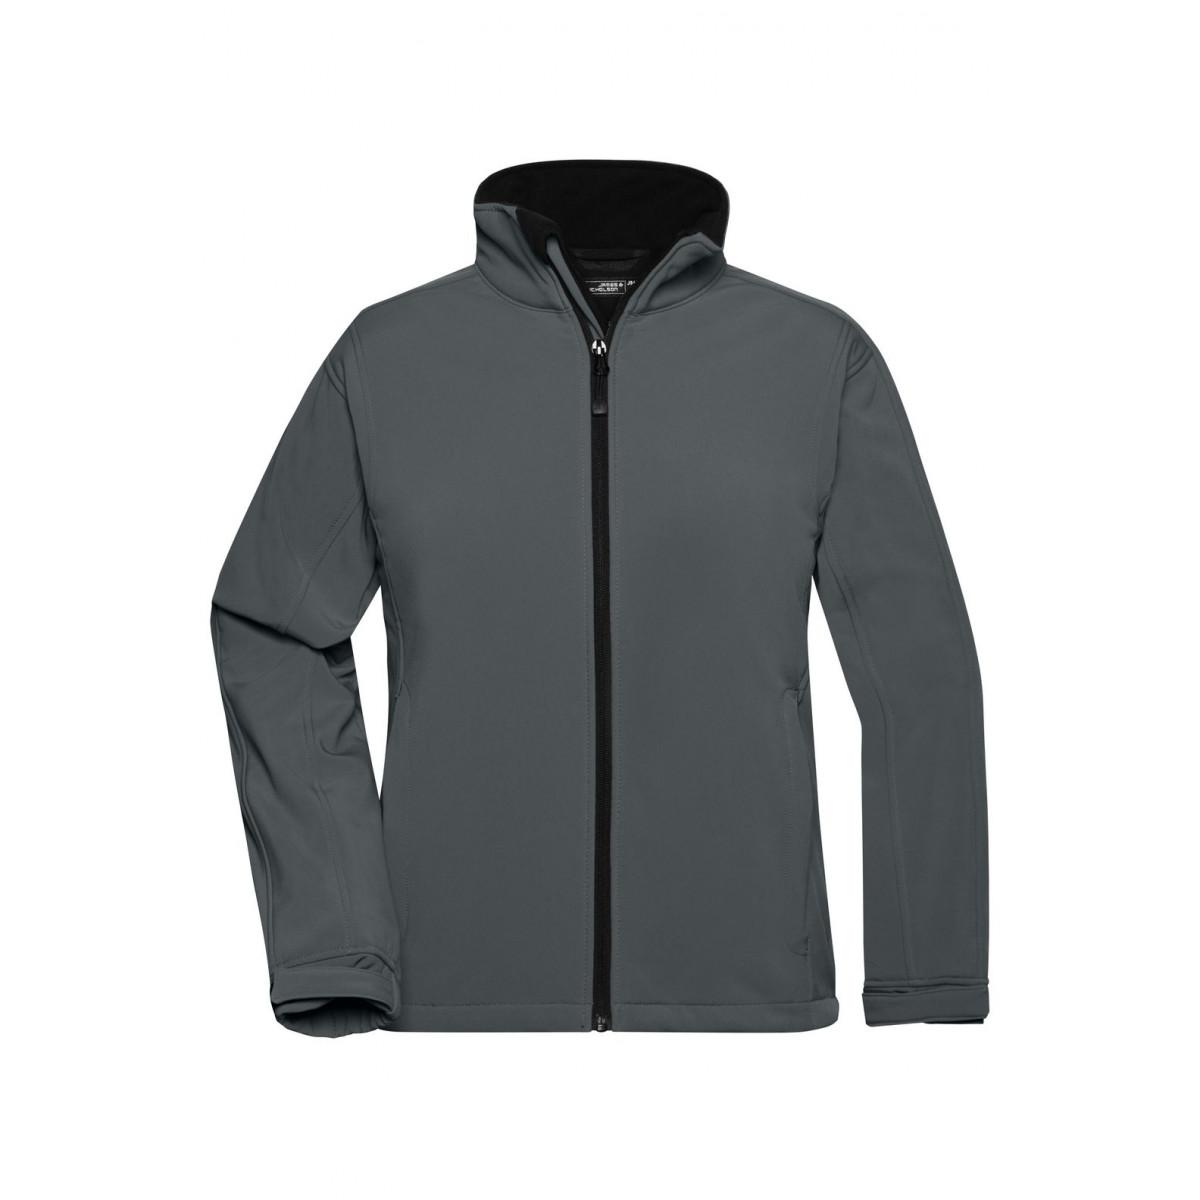 Куртка женская JN137 Ladies Softshell Jacket - Карбон